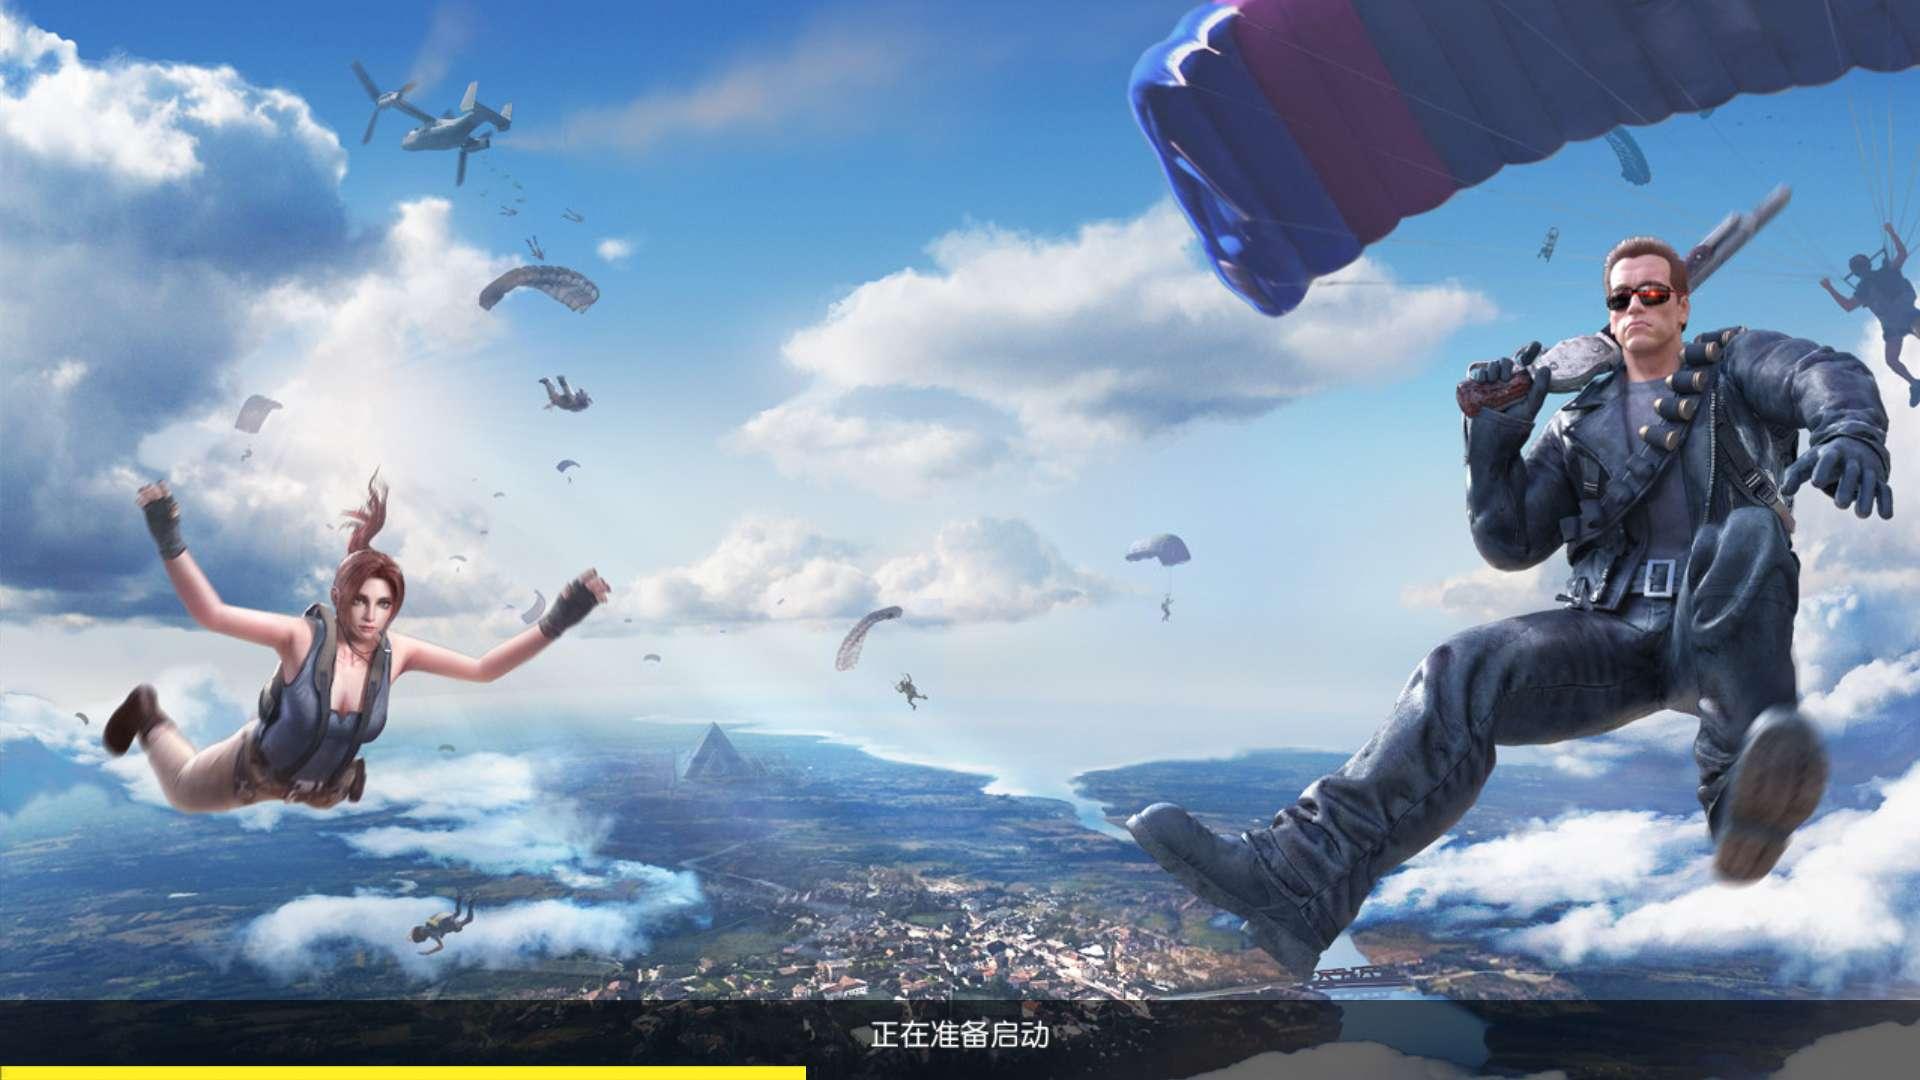 终结者2游戏闪退,狼人游戏3电影 迅雷下载